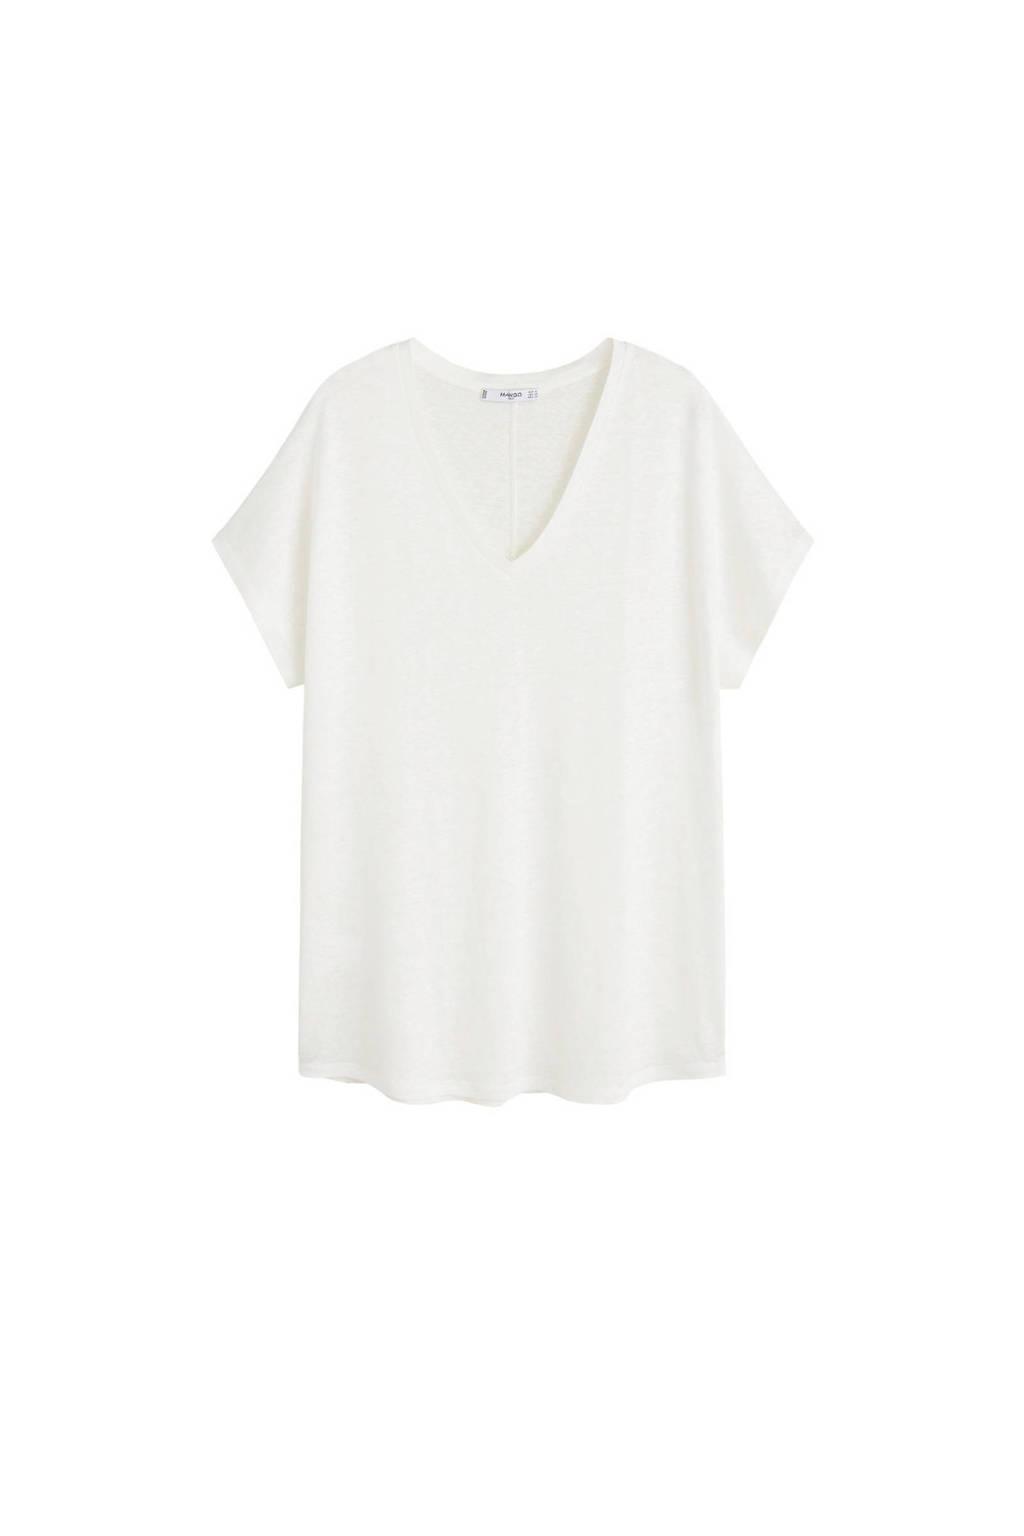 Mango linnen T-shirt gebroken wit, Gebroken wit